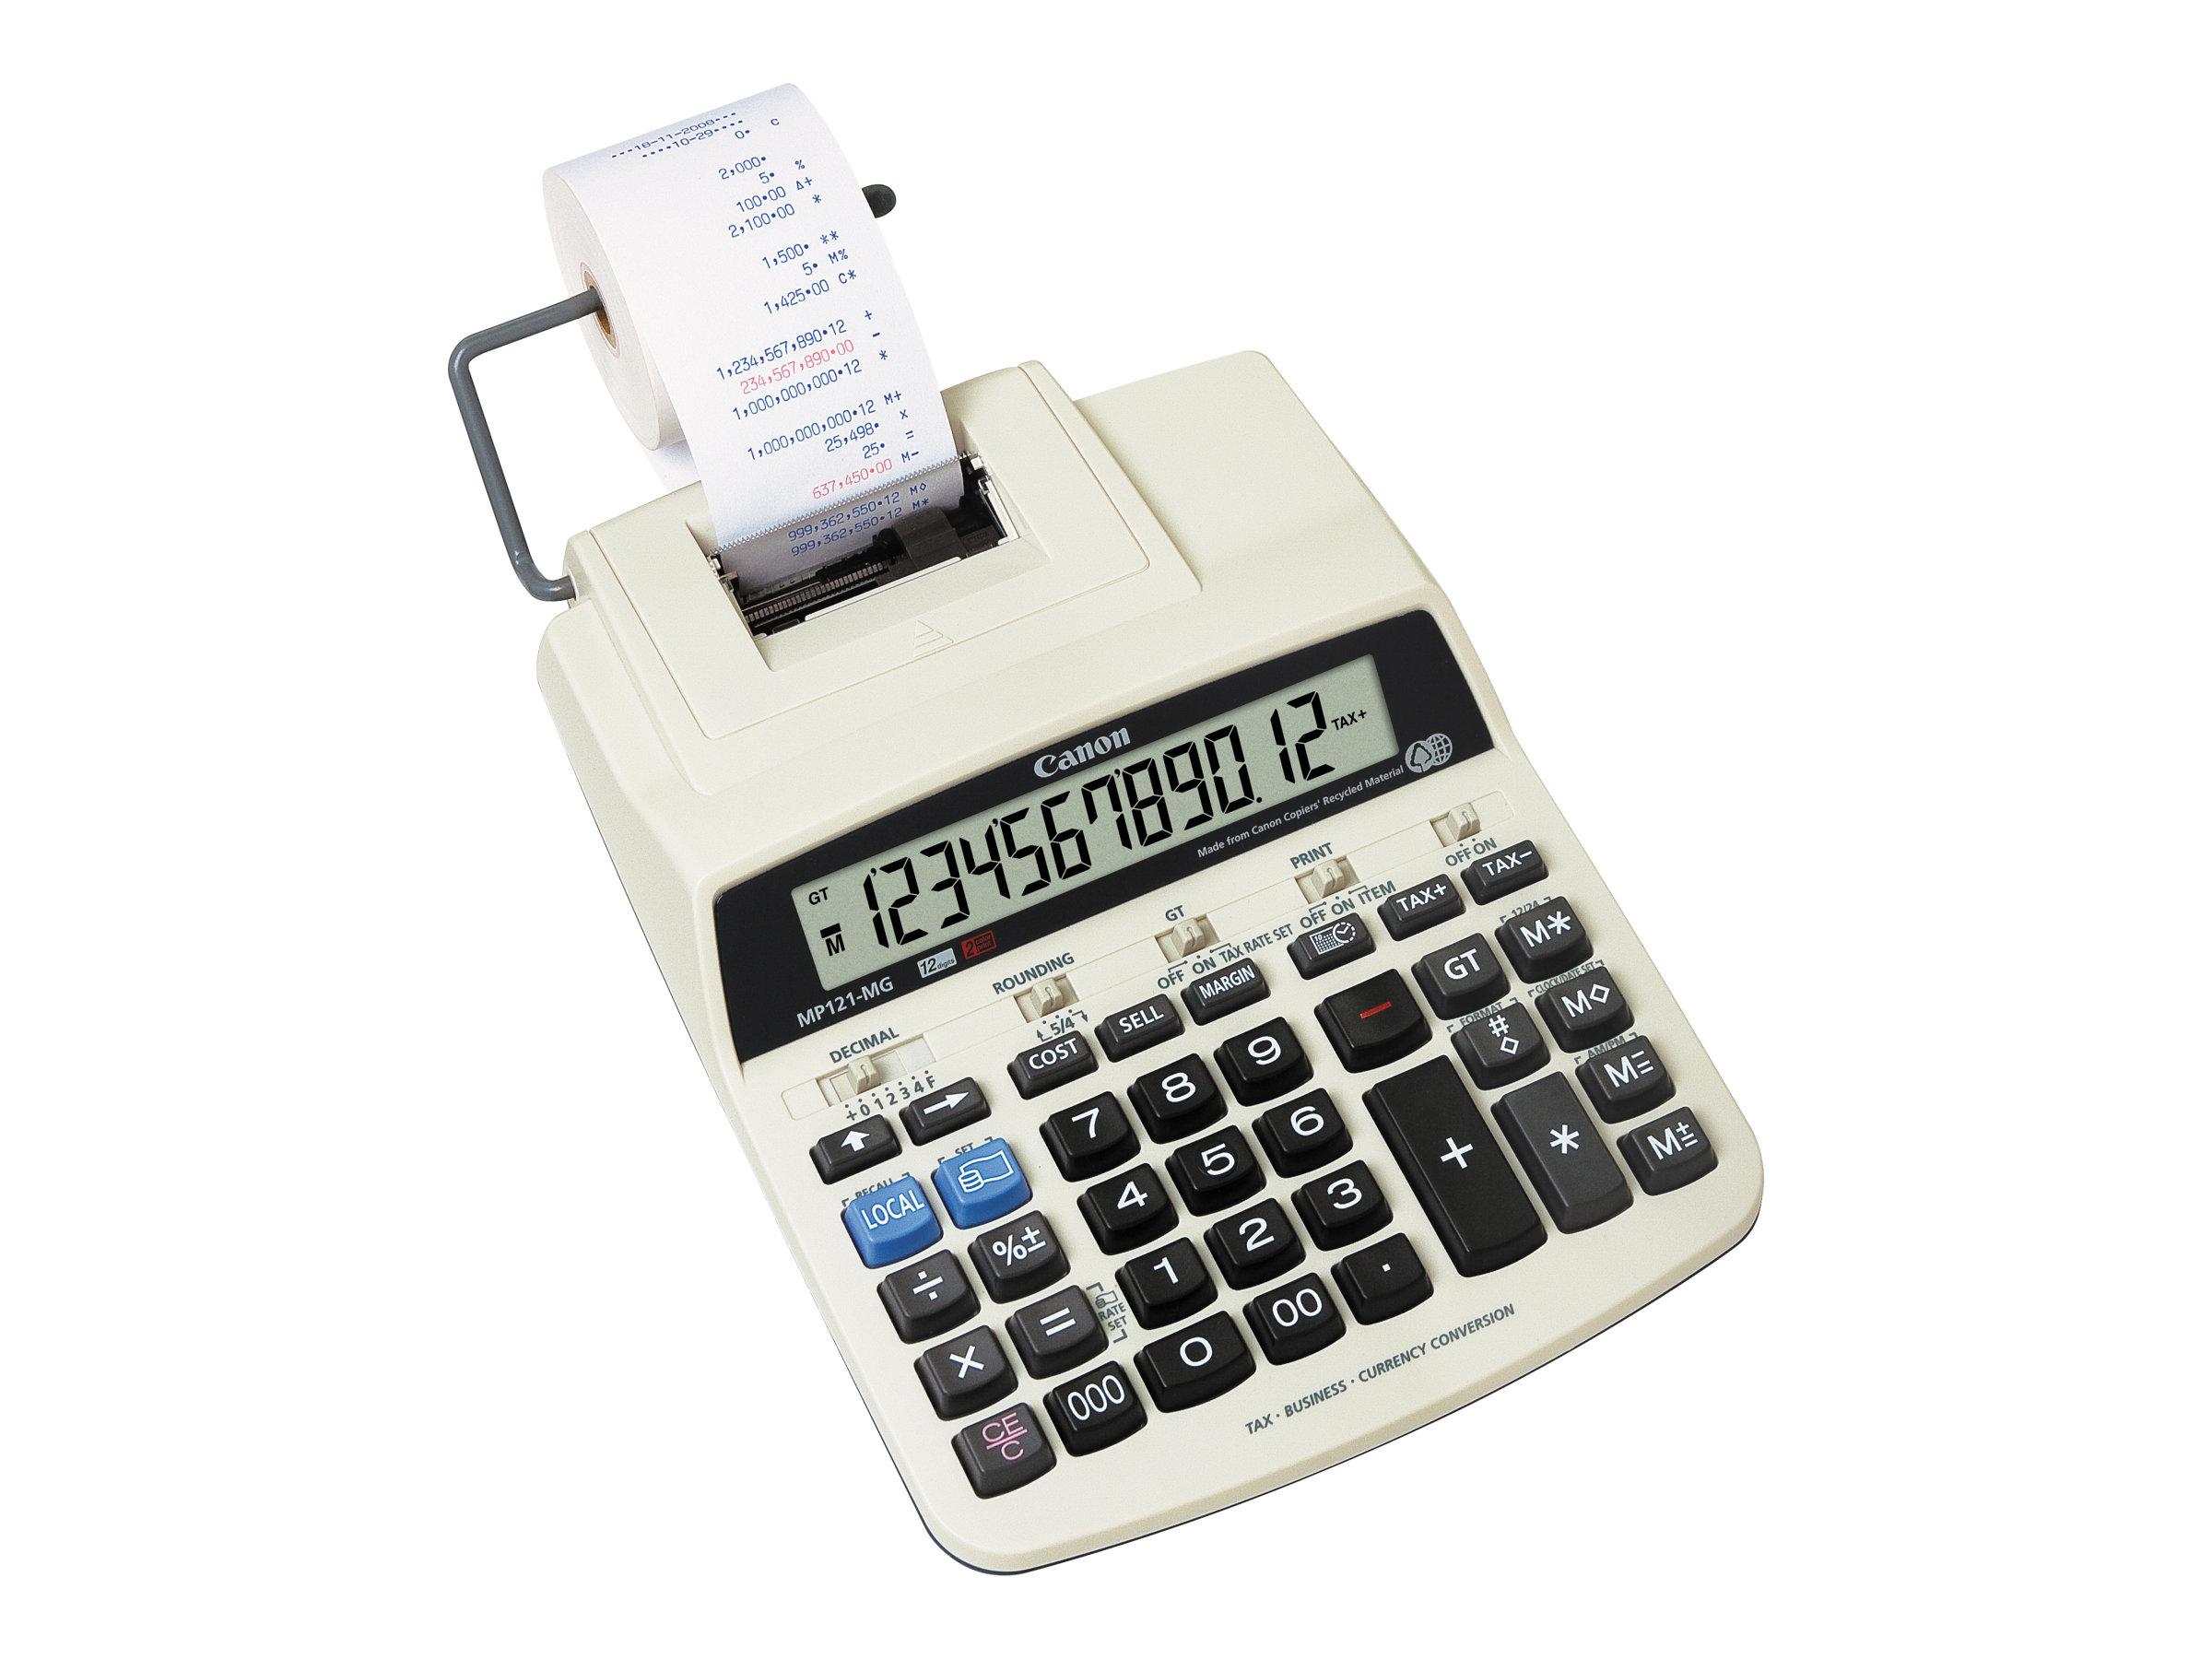 Canon MP121-MG - Druckrechner - LCD - 12 Stellen - Wechselstromadapter, Speichersicherungsbatterie - Grau, beige